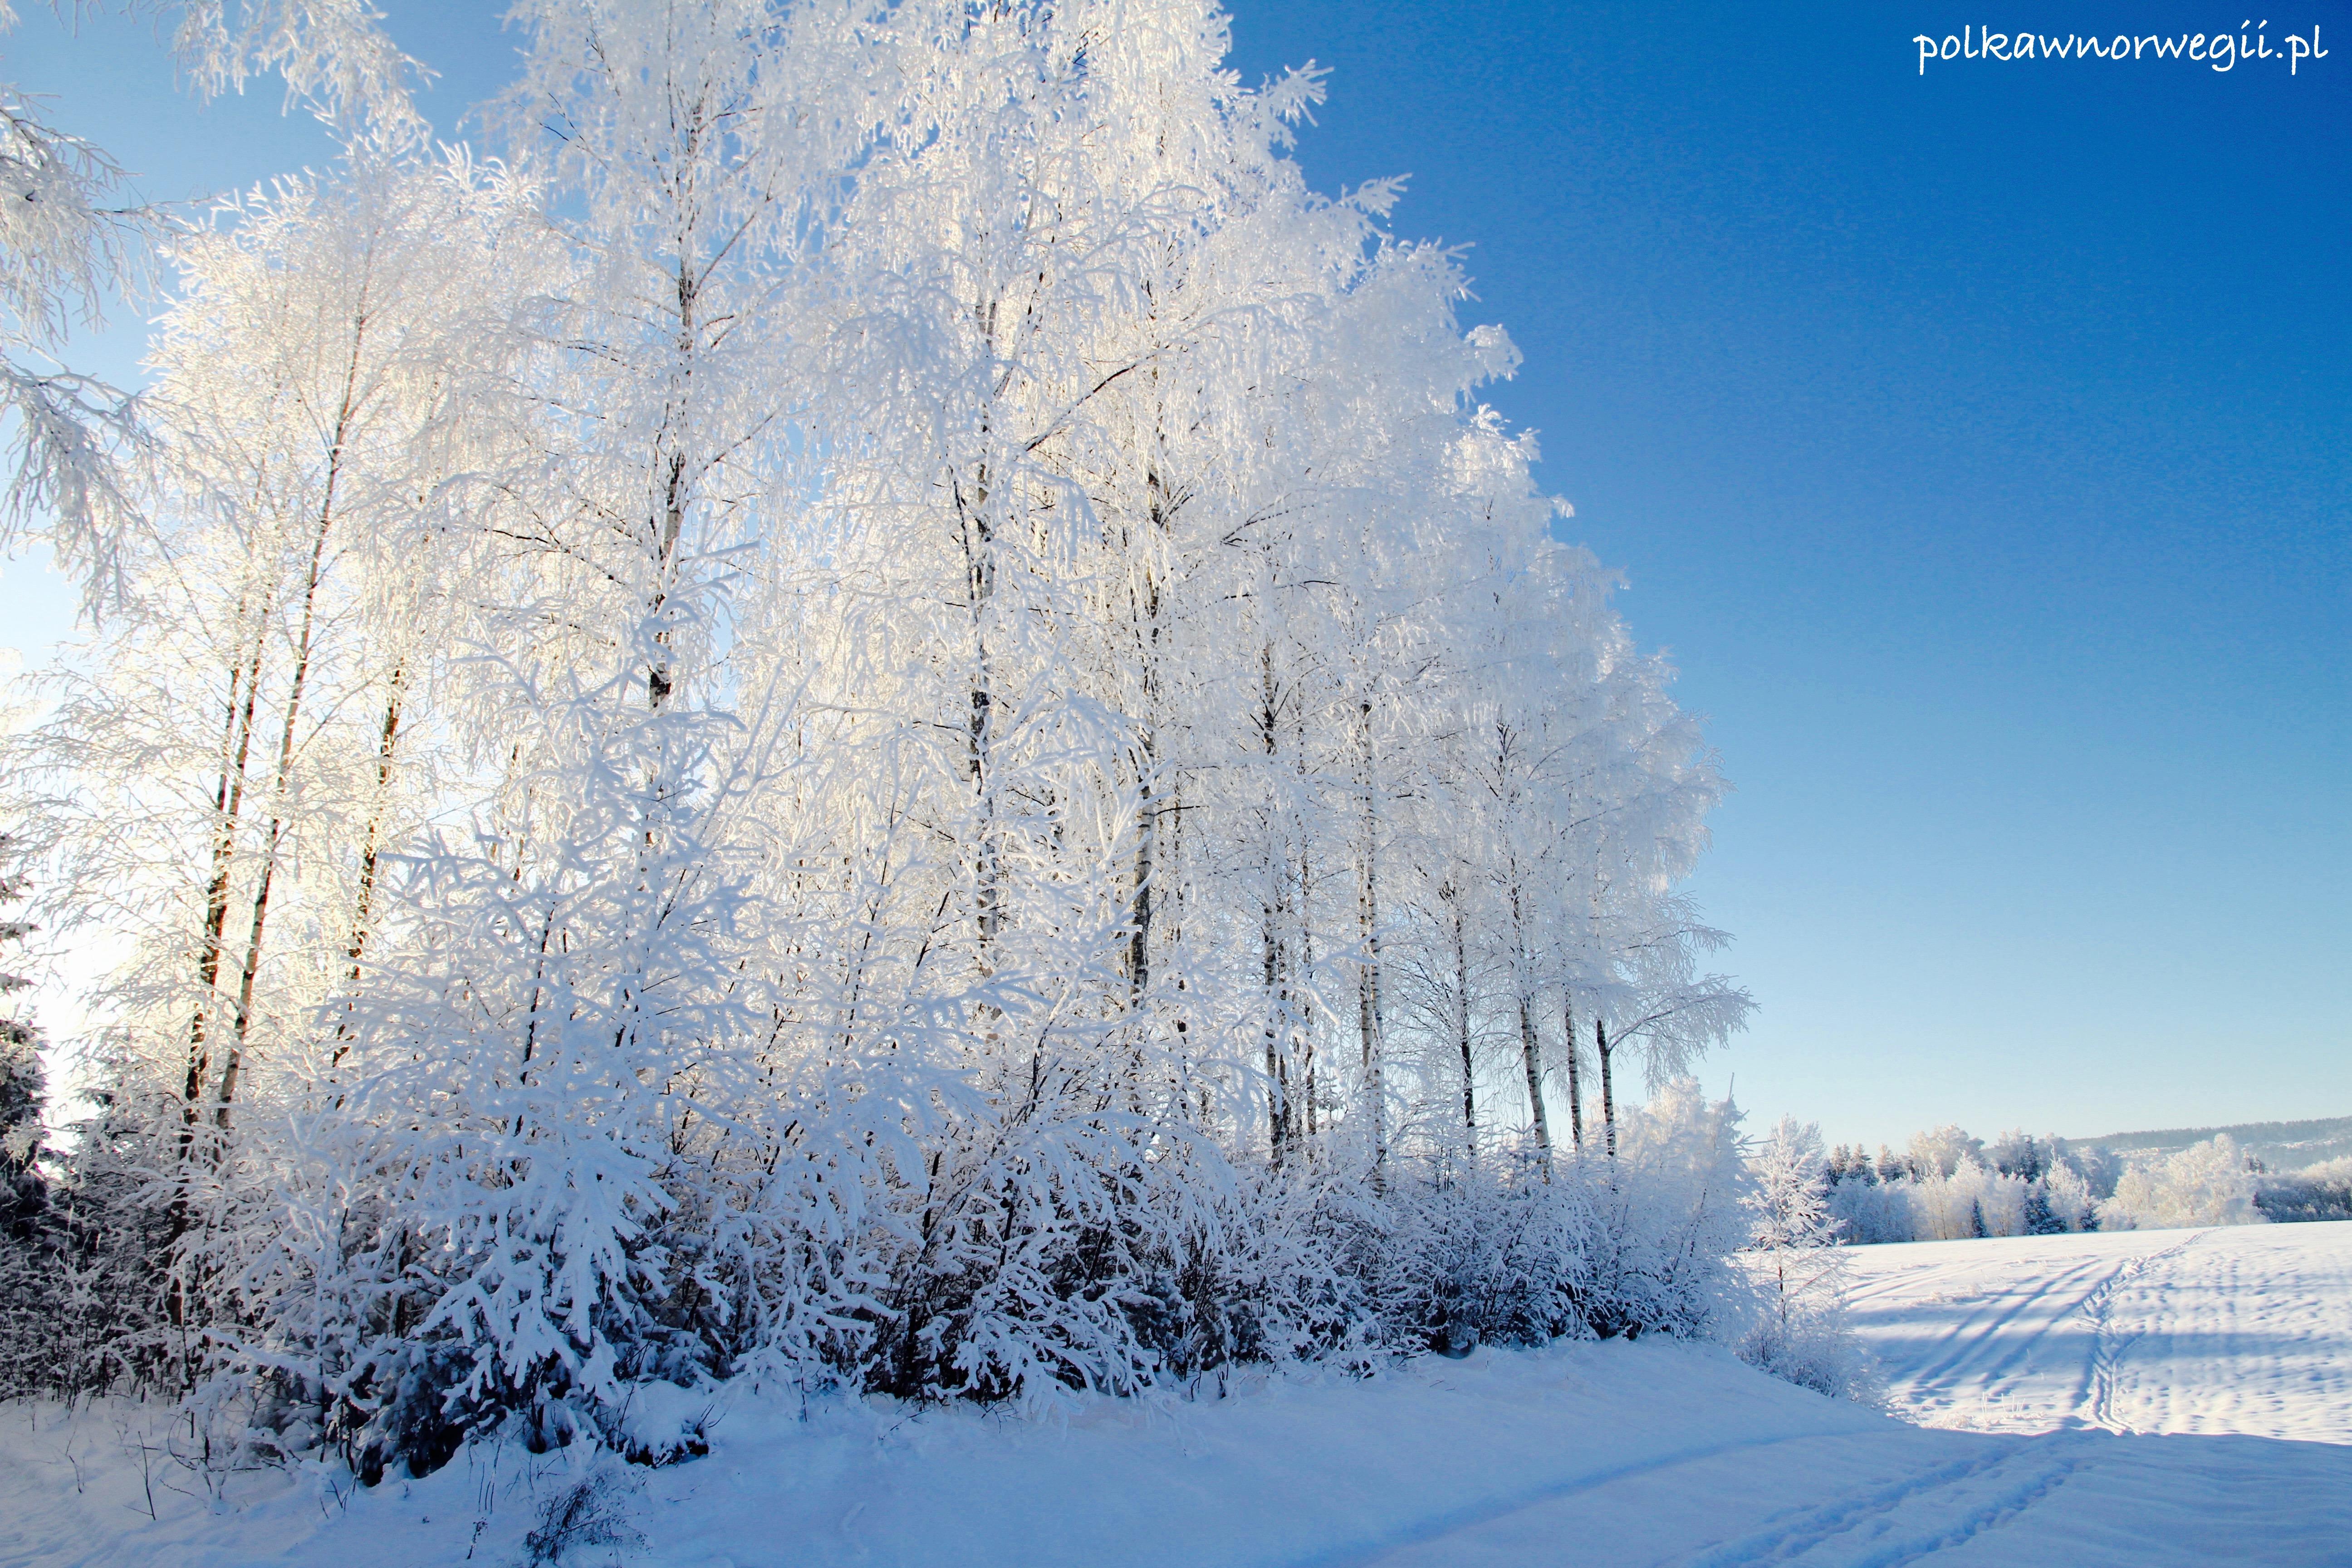 Zima 2016 - mimo, że łagodniejsza niż poprzednie dla mnie była imponująca...